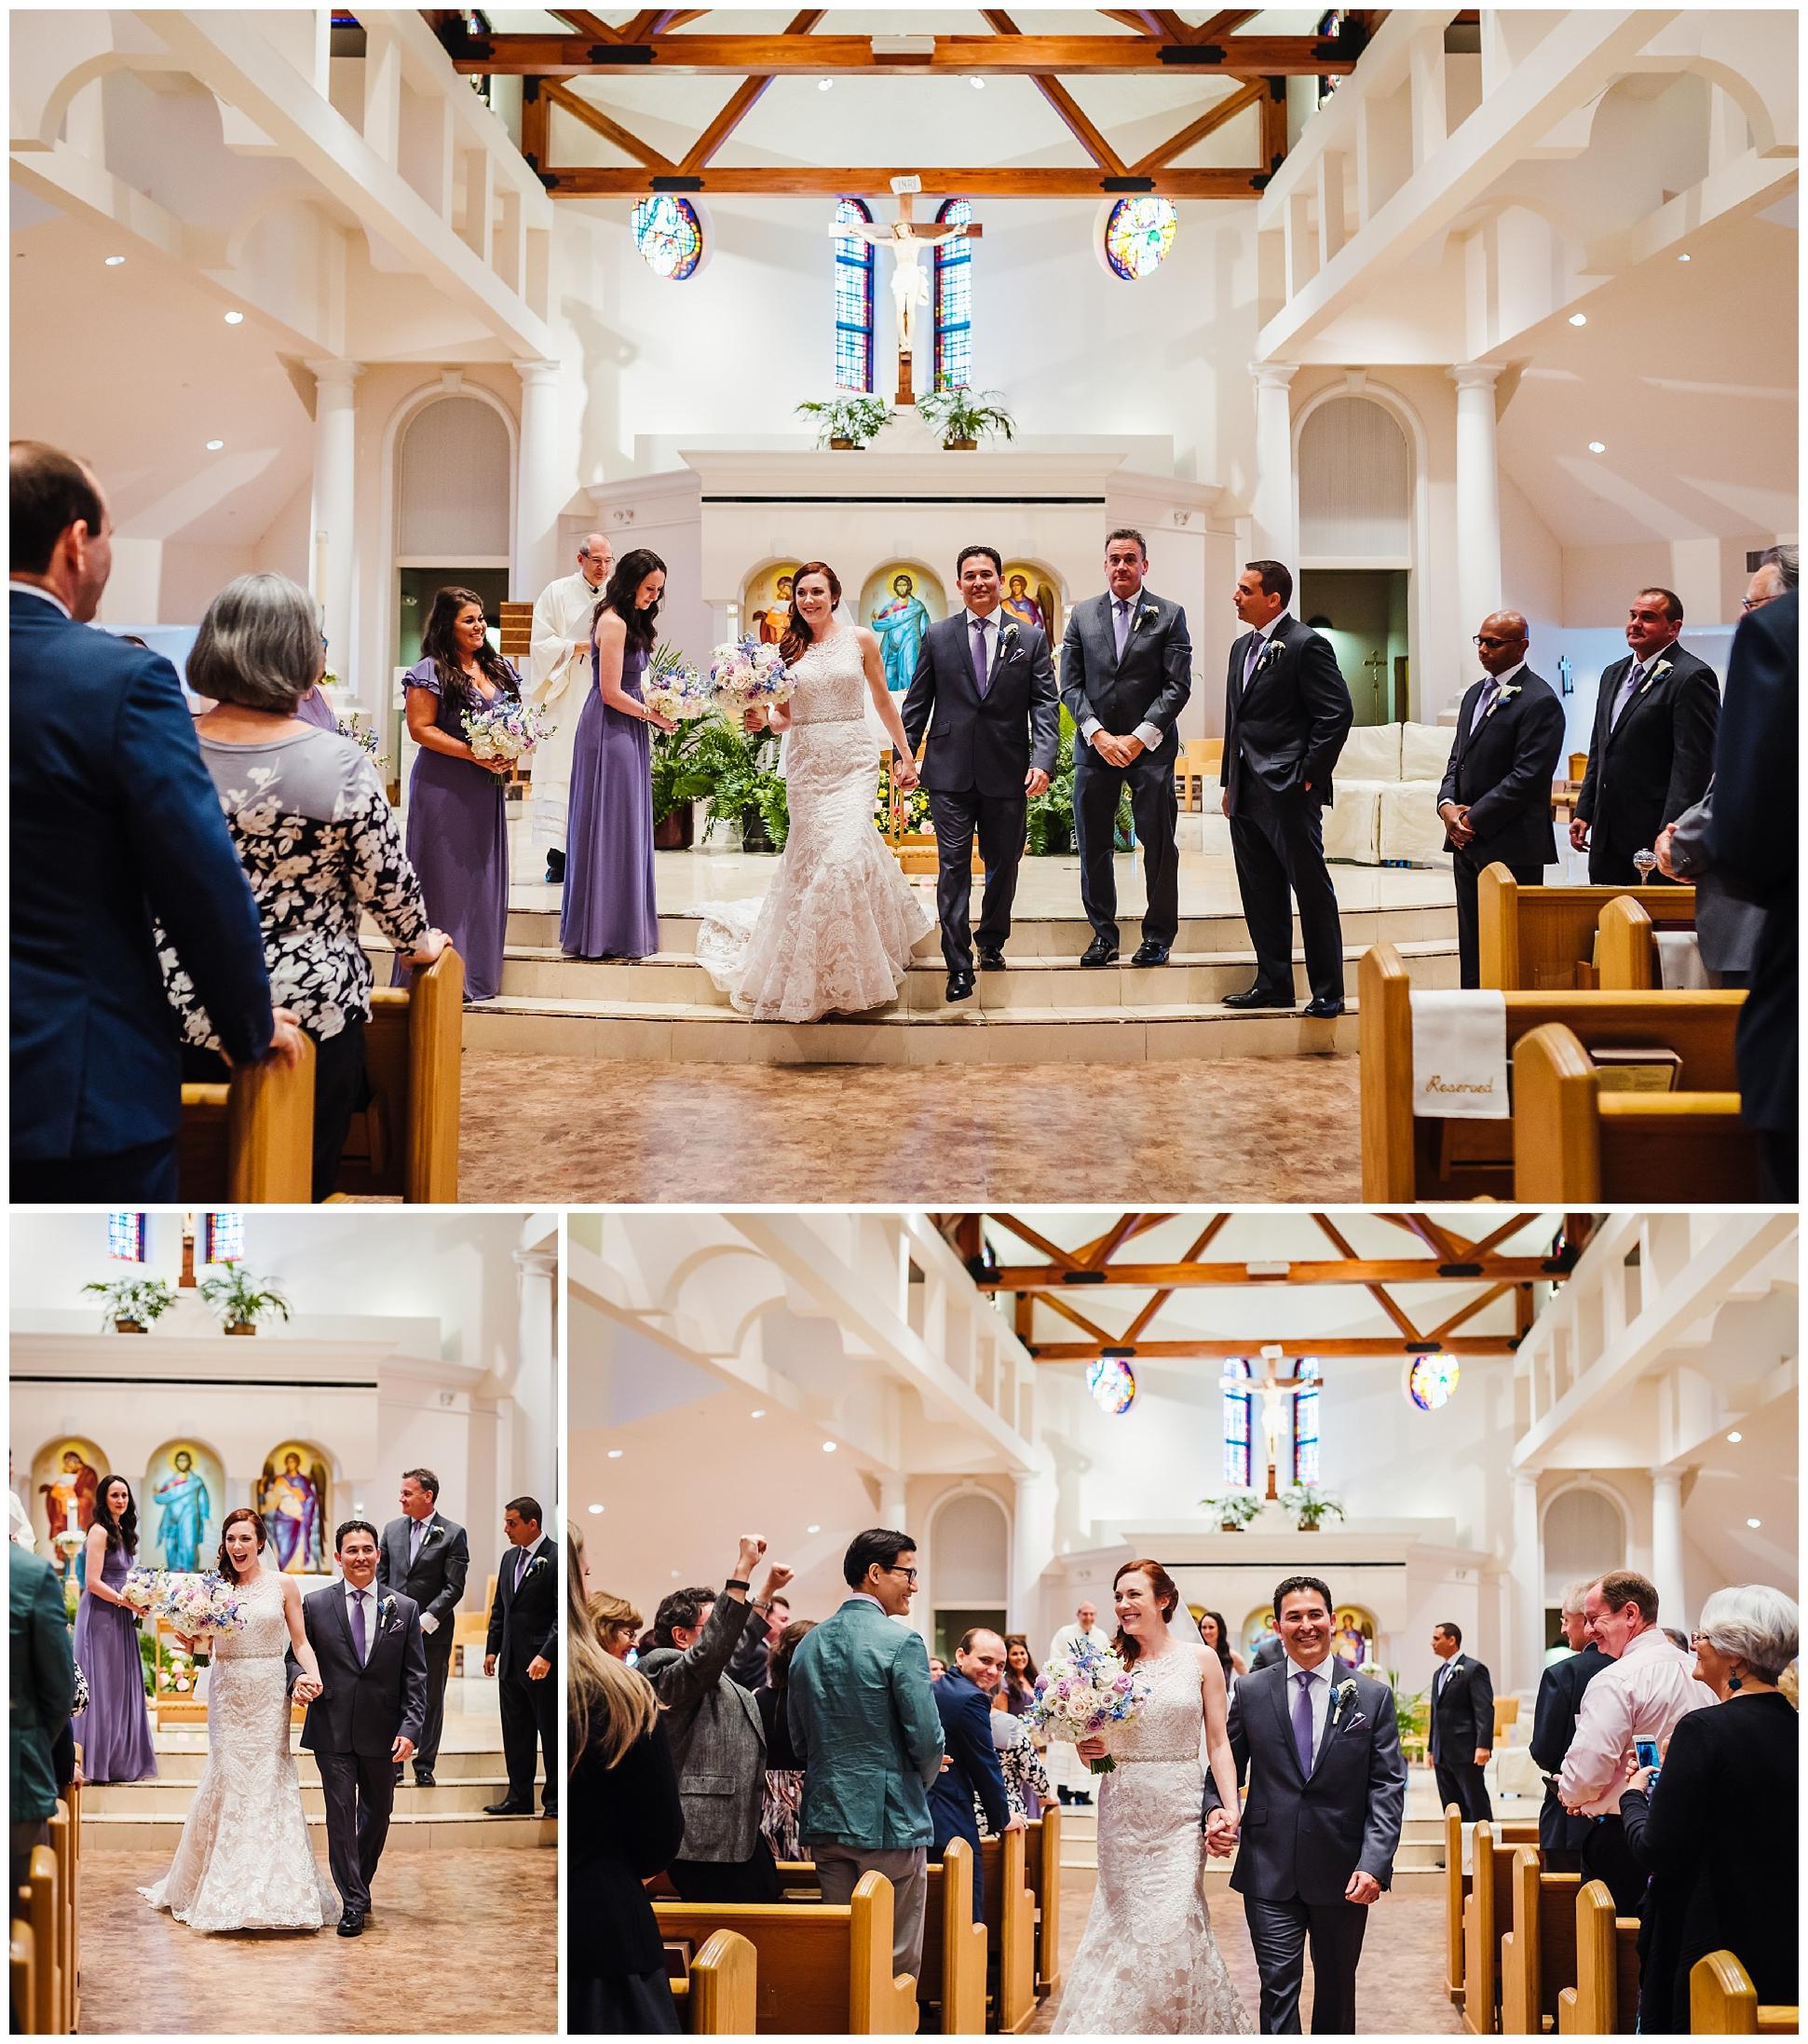 st-pete-wedding-photographer-nova-535-murals-downtown-lavendar_0026.jpg